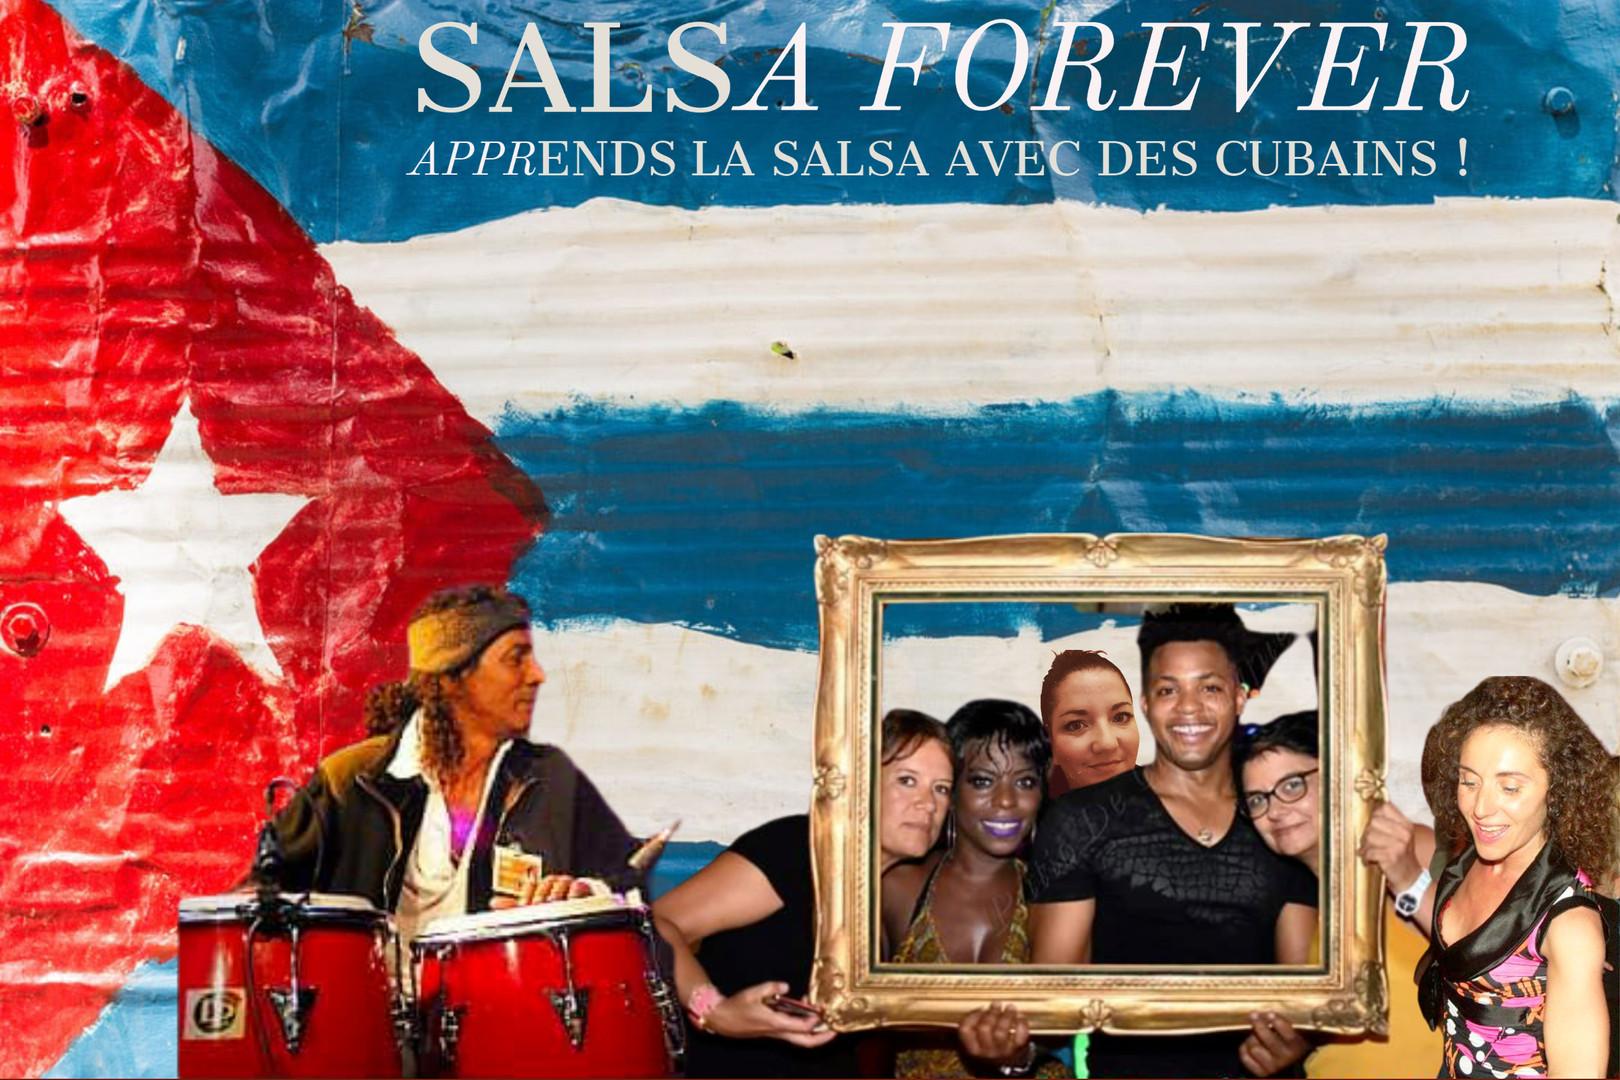 EQUIPE SALSA FOREVER 3.jpg